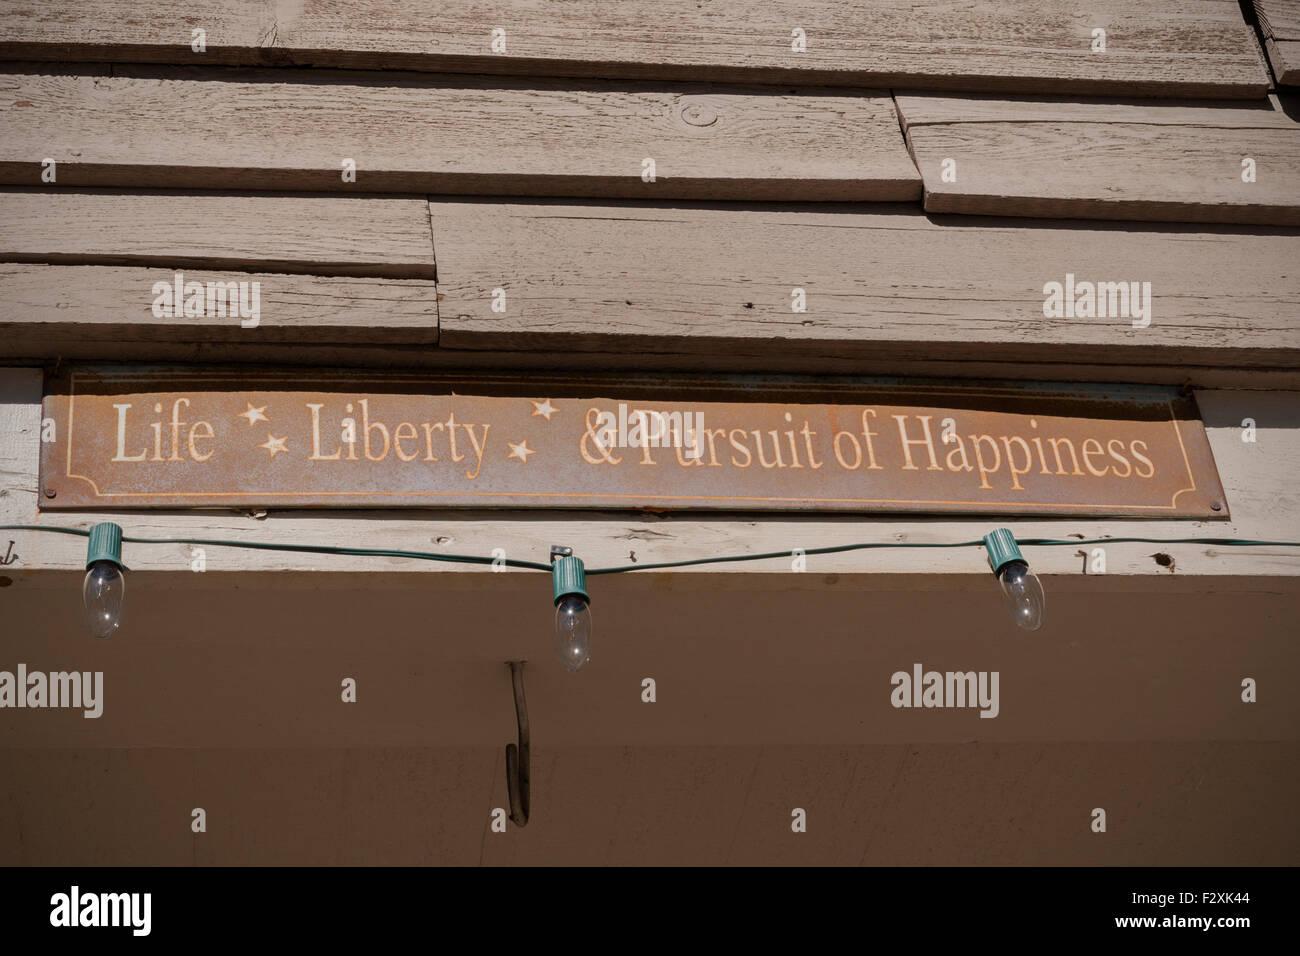 Viejo cartel oxidado leyendo vida libertad y búsqueda de la felicidad que se encuentran en los Estados Unidos Imagen De Stock